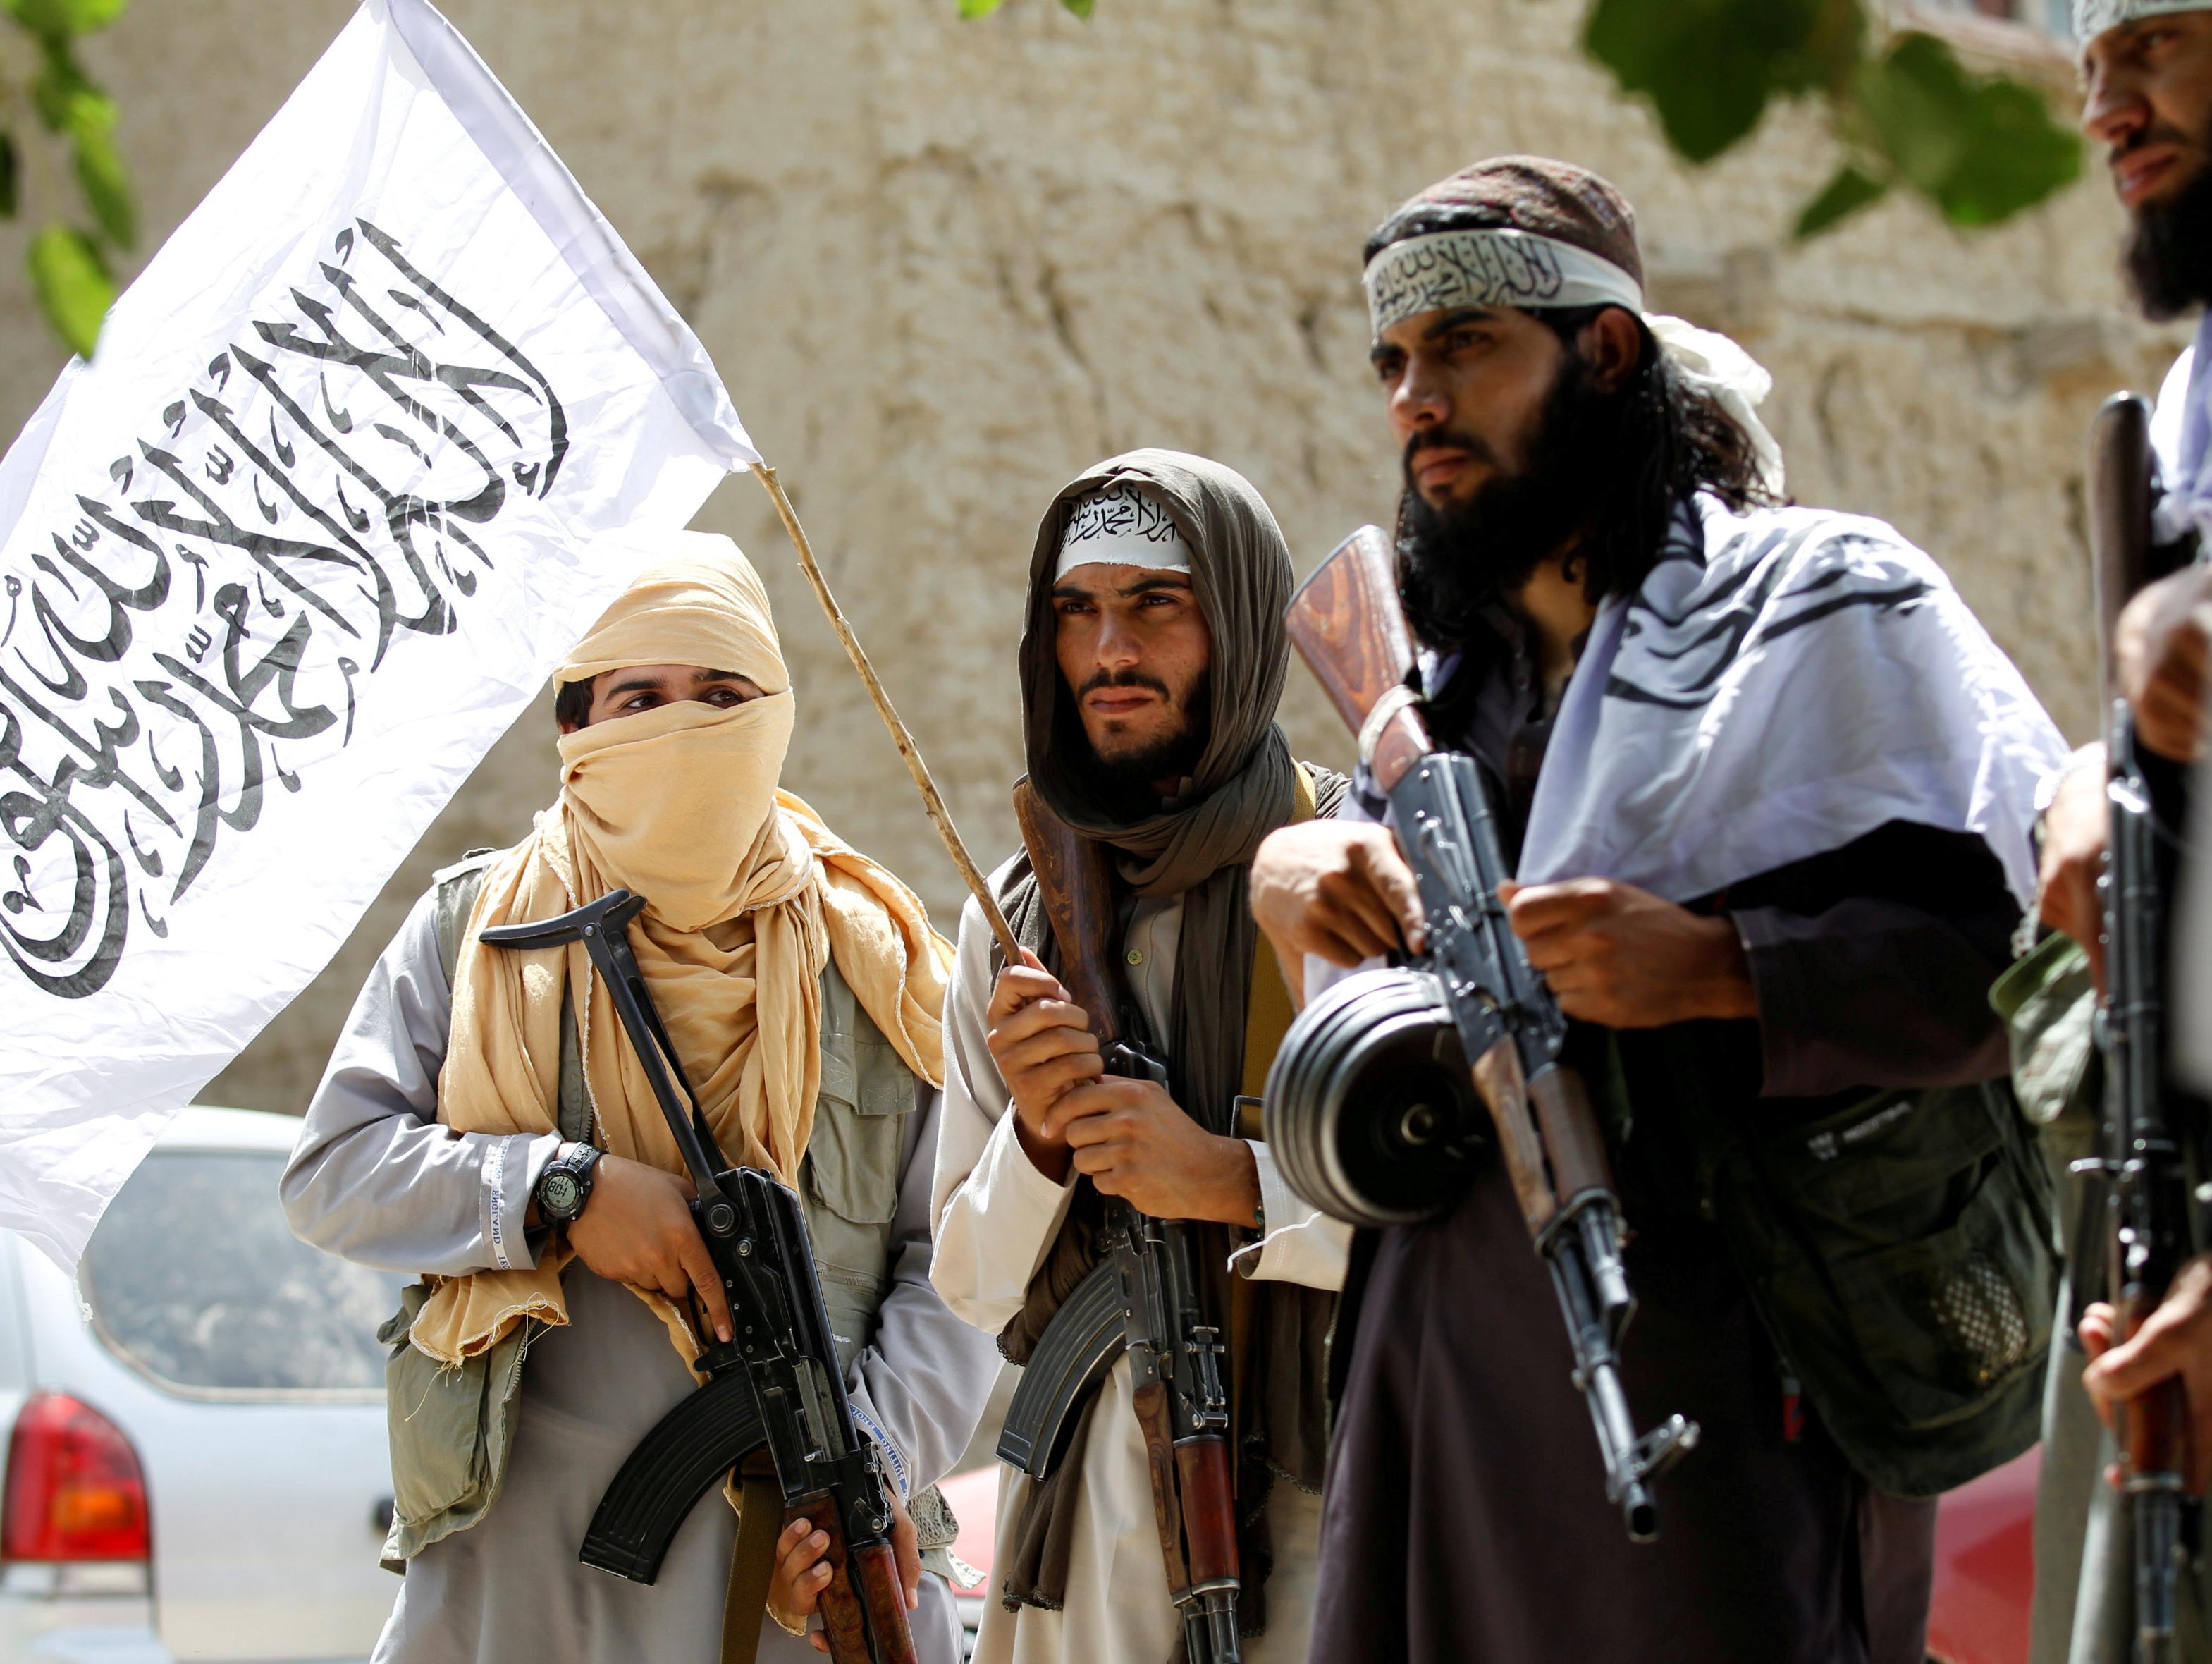 השלום מתרחק: ממשלת אפגניסטן וטליבאן ביטלו פסגה מכרעת